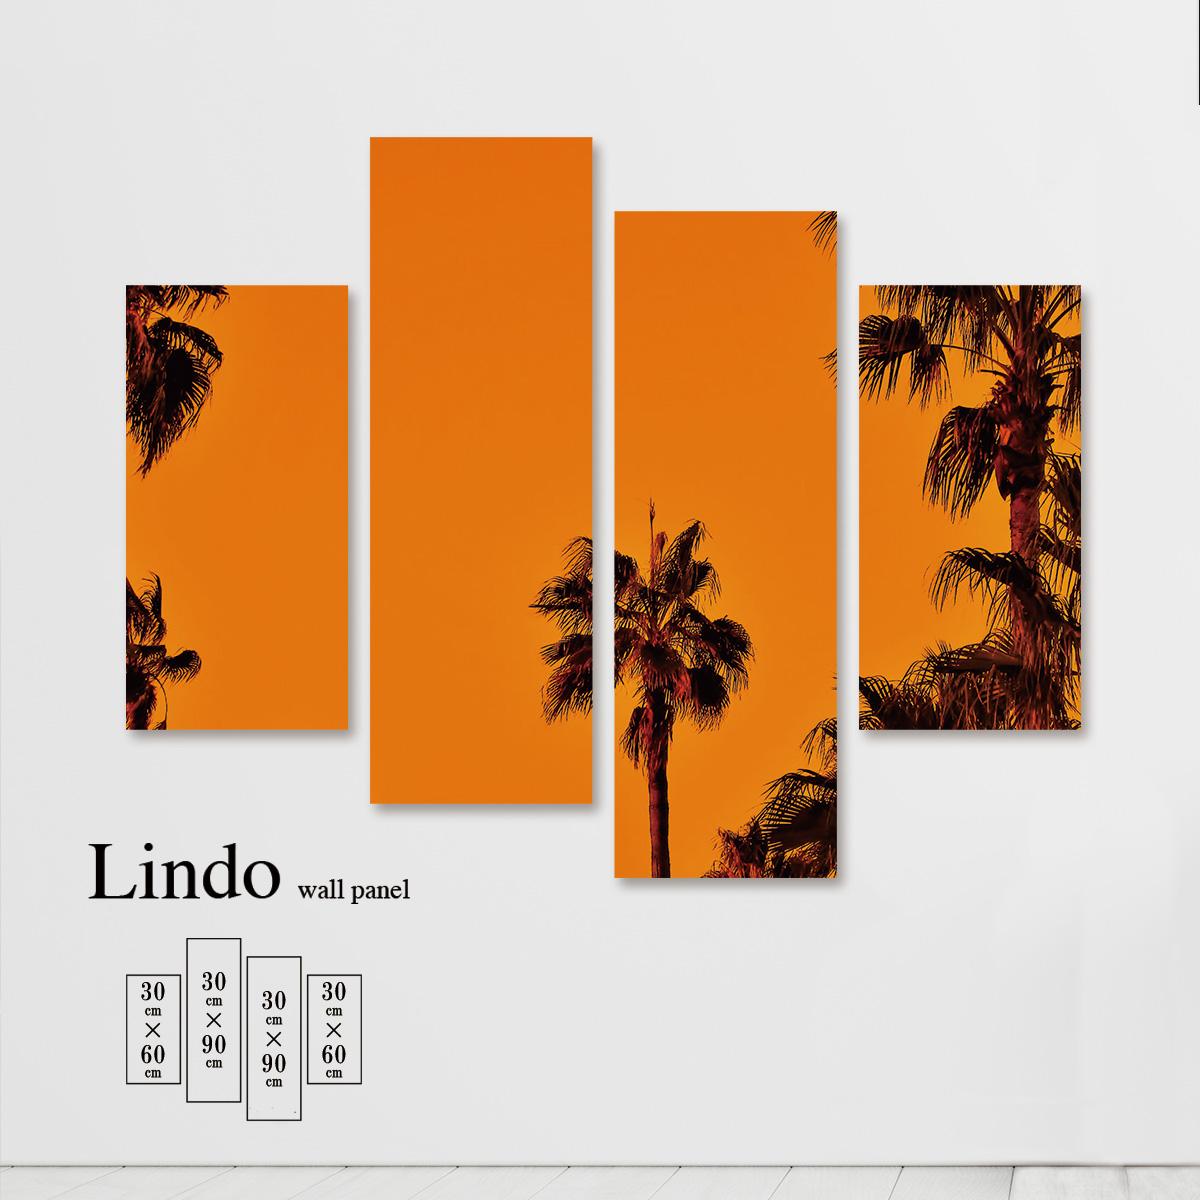 アートパネル ヤシ ヤシの木 ハワイ ビーチ 自然 葉っぱ オレンジ シンプル 壁掛け 北欧 お洒落 デザイン ファブリック 壁飾り アートボード 4枚パネル